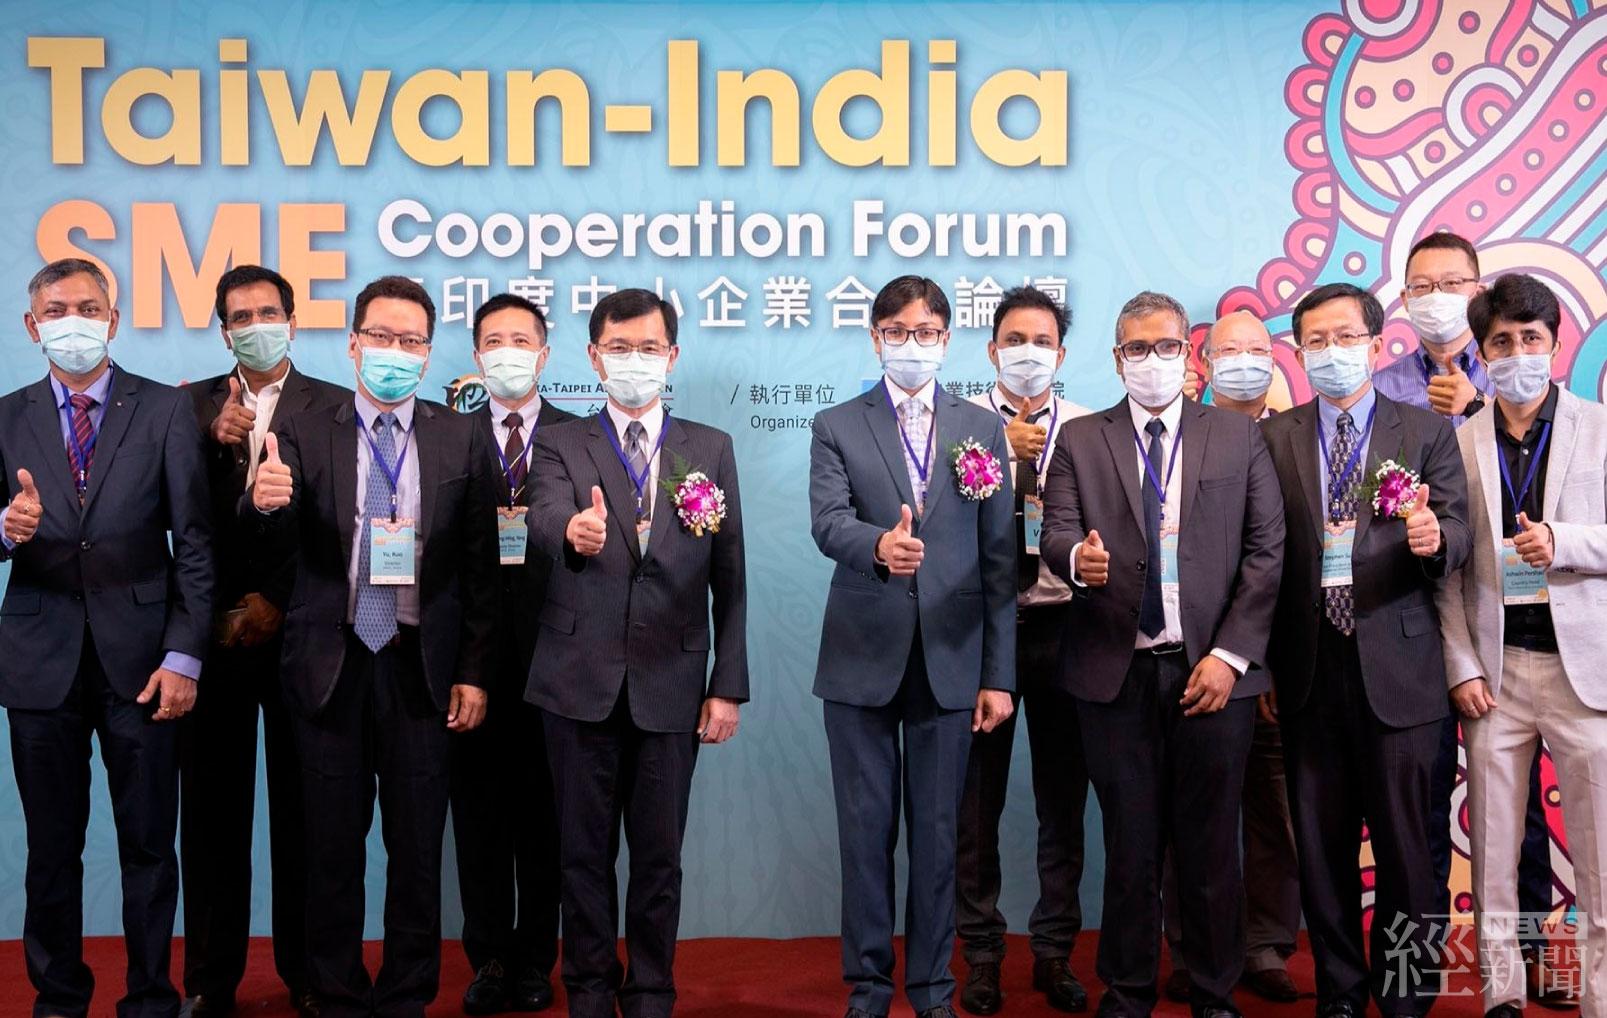 臺印度中小企業合作論壇 促成逾百場次洽談